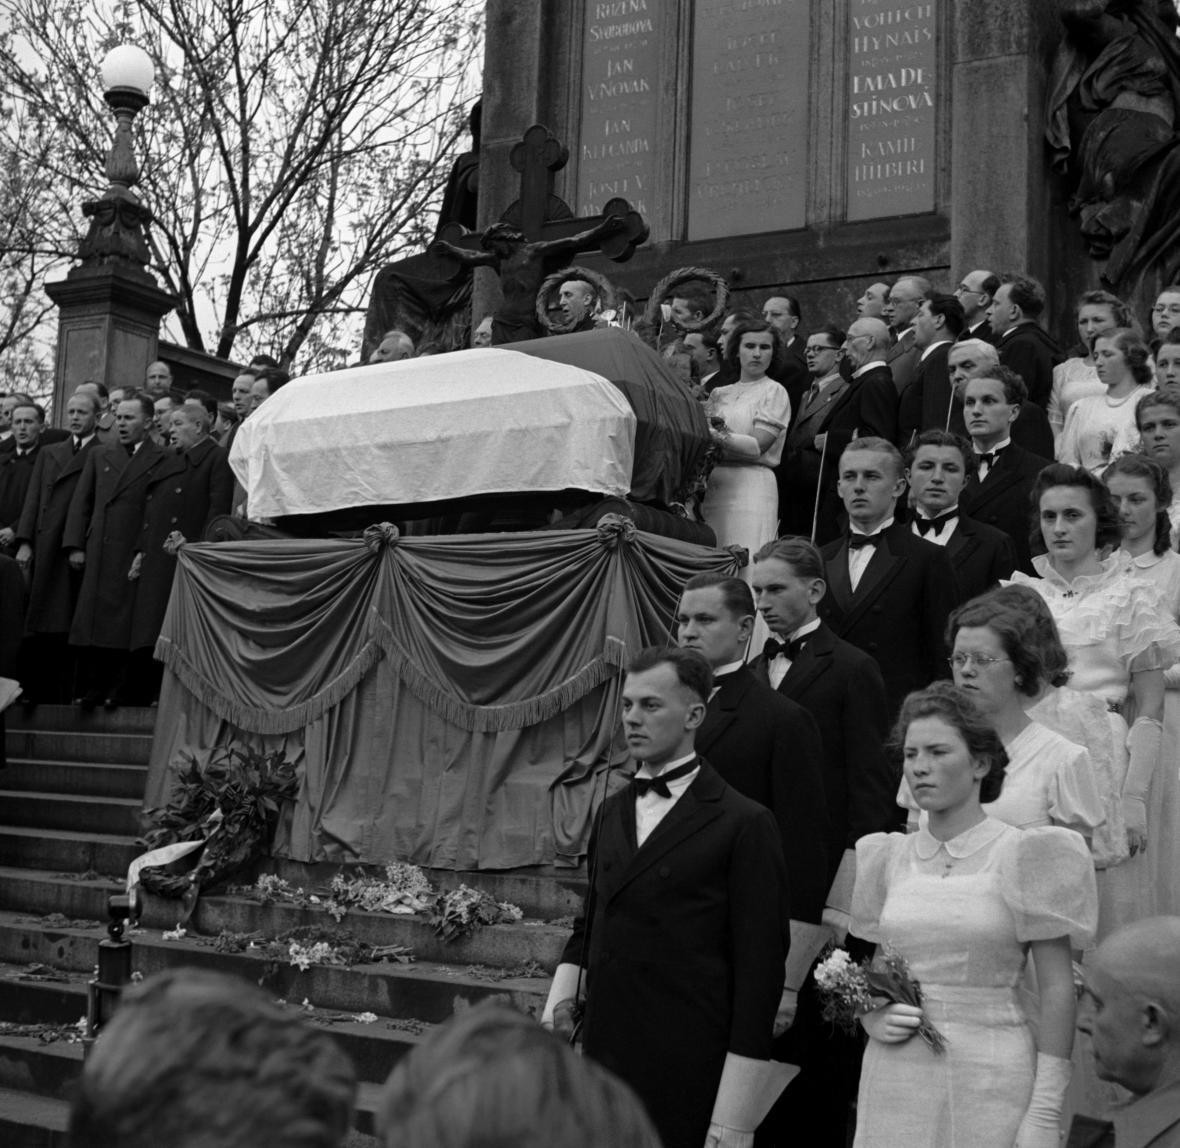 Rakev s ostatky Karla Hynka Máchy na Vyšehradě